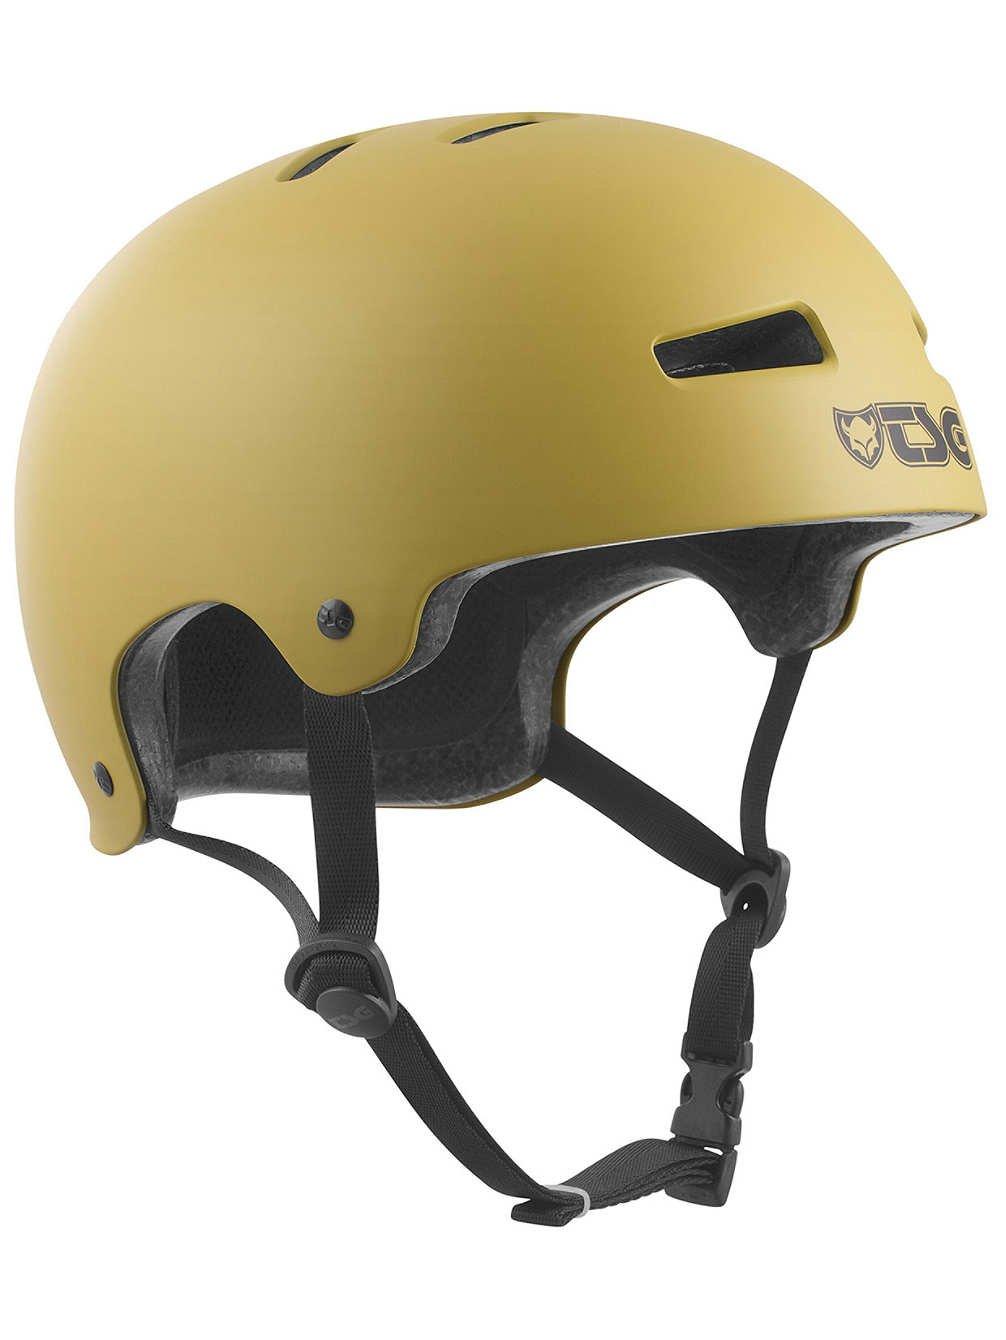 TSG Helm Evolution Evolution Evolution Solid Farbe B078FBZXNV Halbhelme Ausgezeichnetes Handwerk b27265